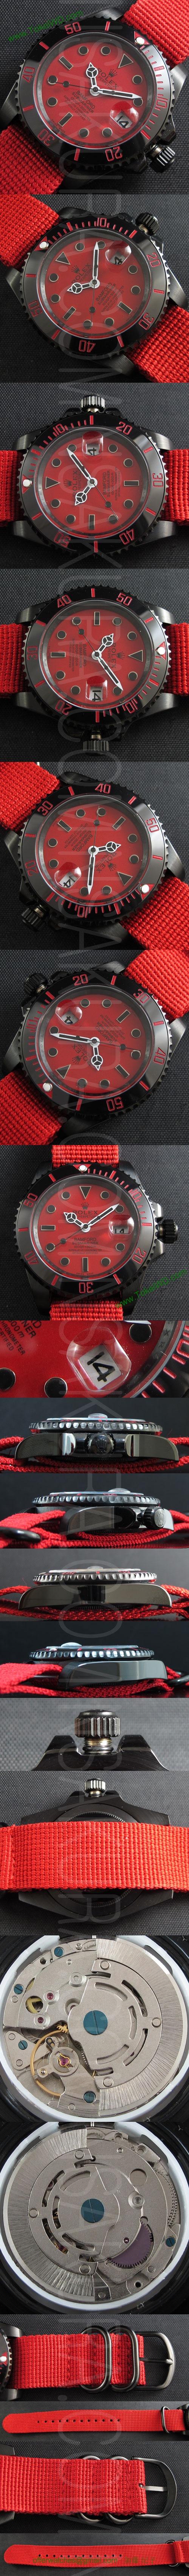 ロレックス 2015LJF8923JOF コピー 時計